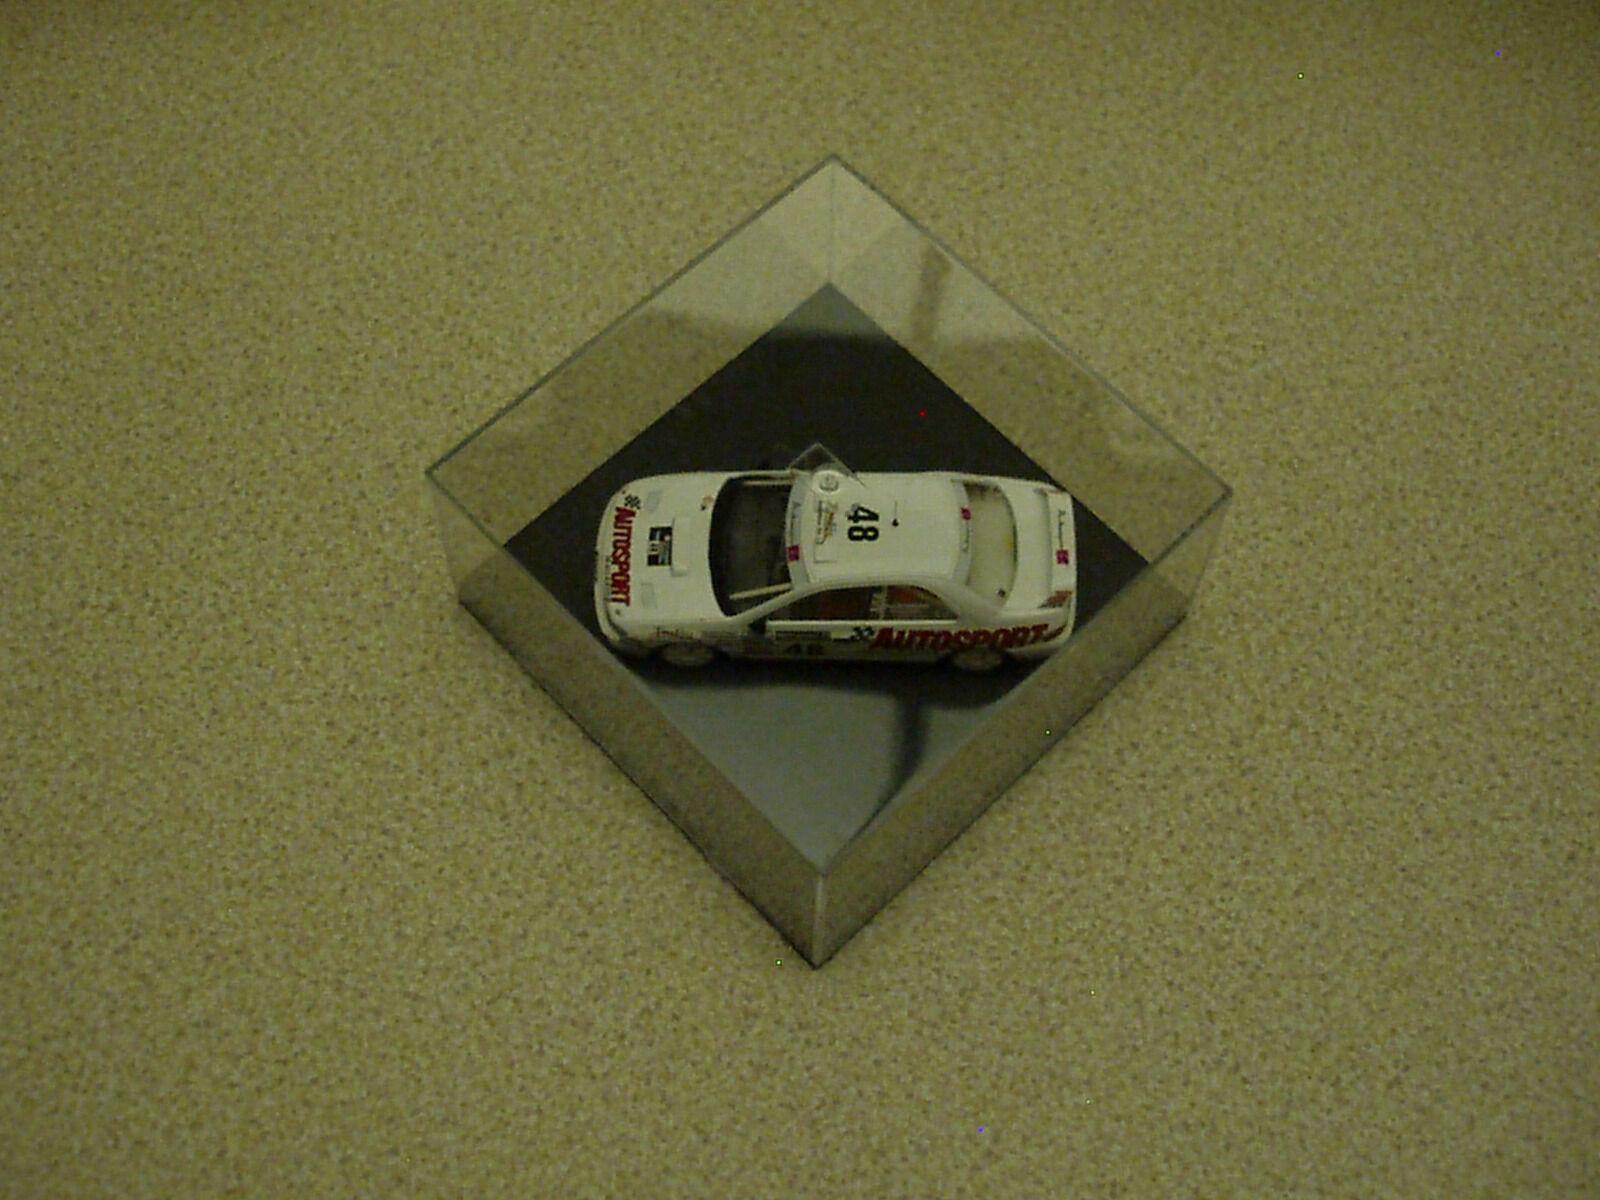 Trofeu 623 Subaru Impreza Autosport   Trofeu RAC 1998 1 43 Untouched